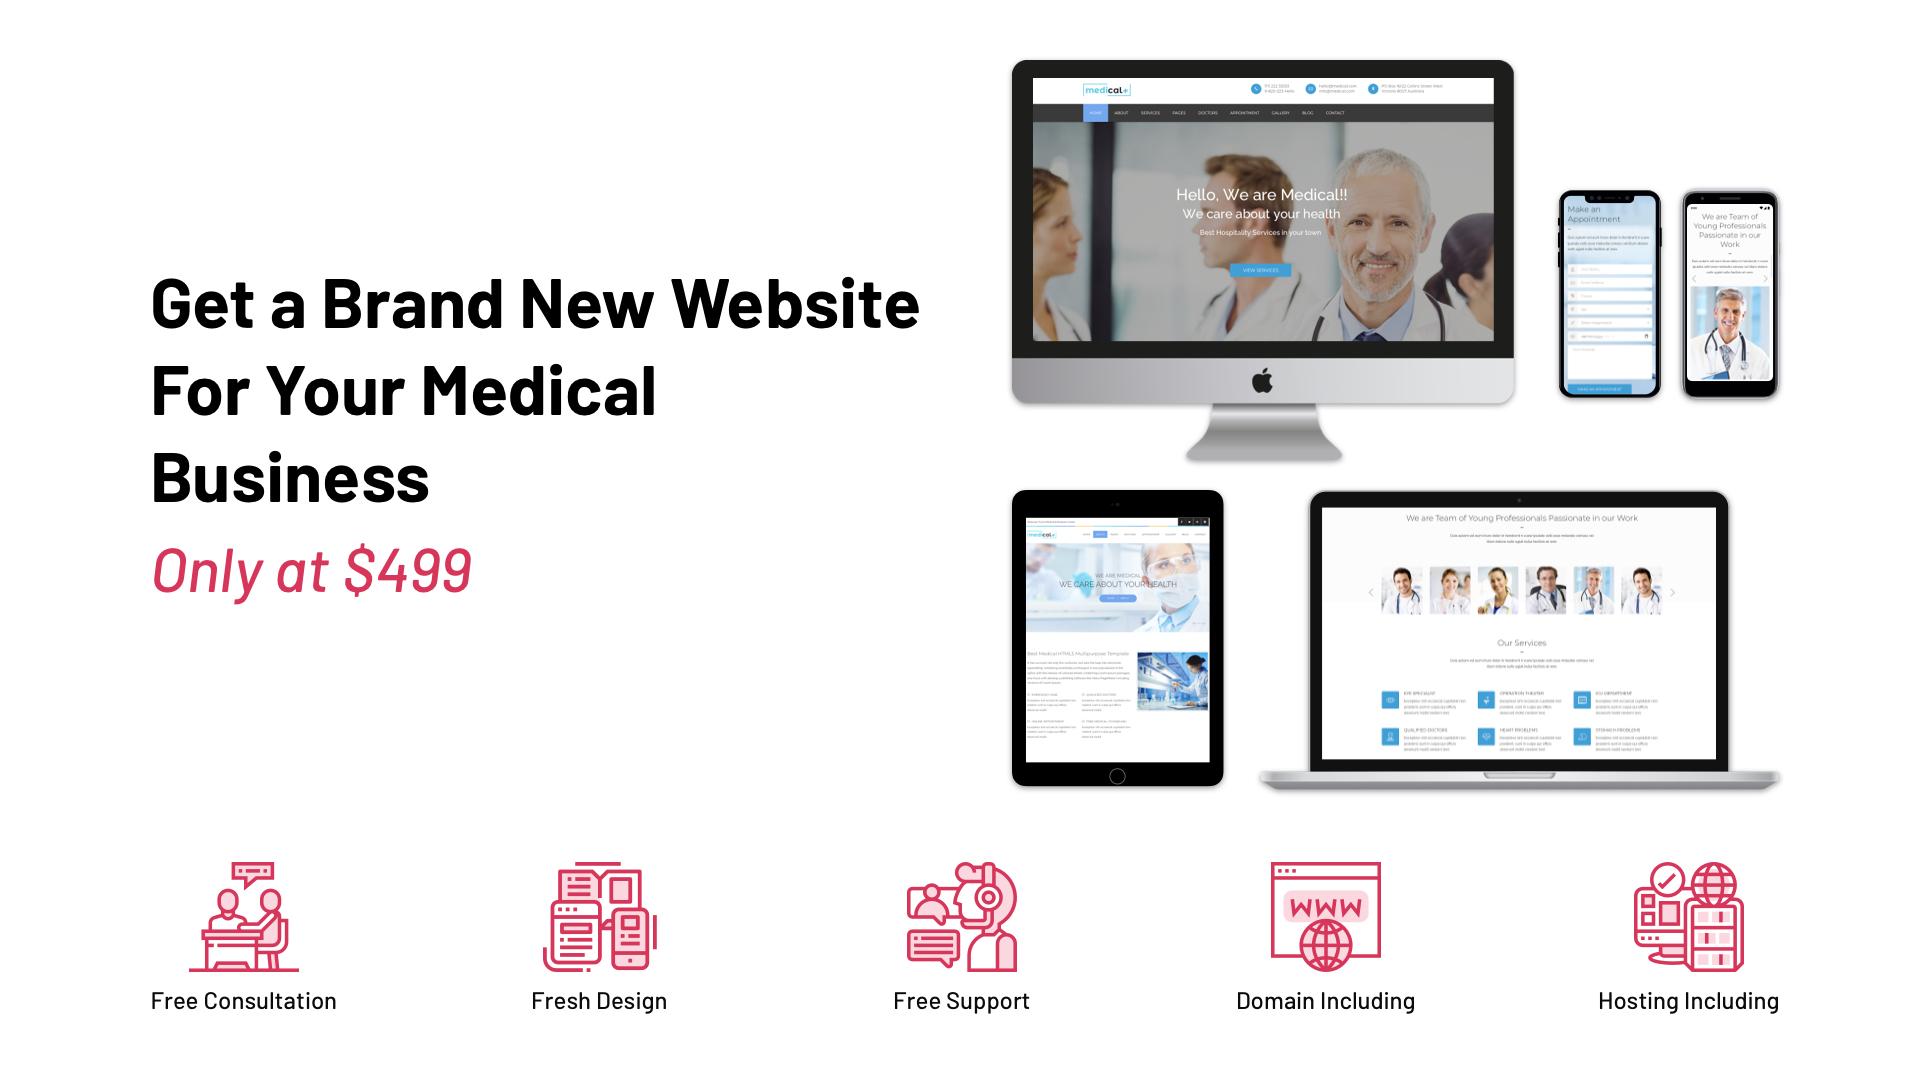 Website Plan for Medical